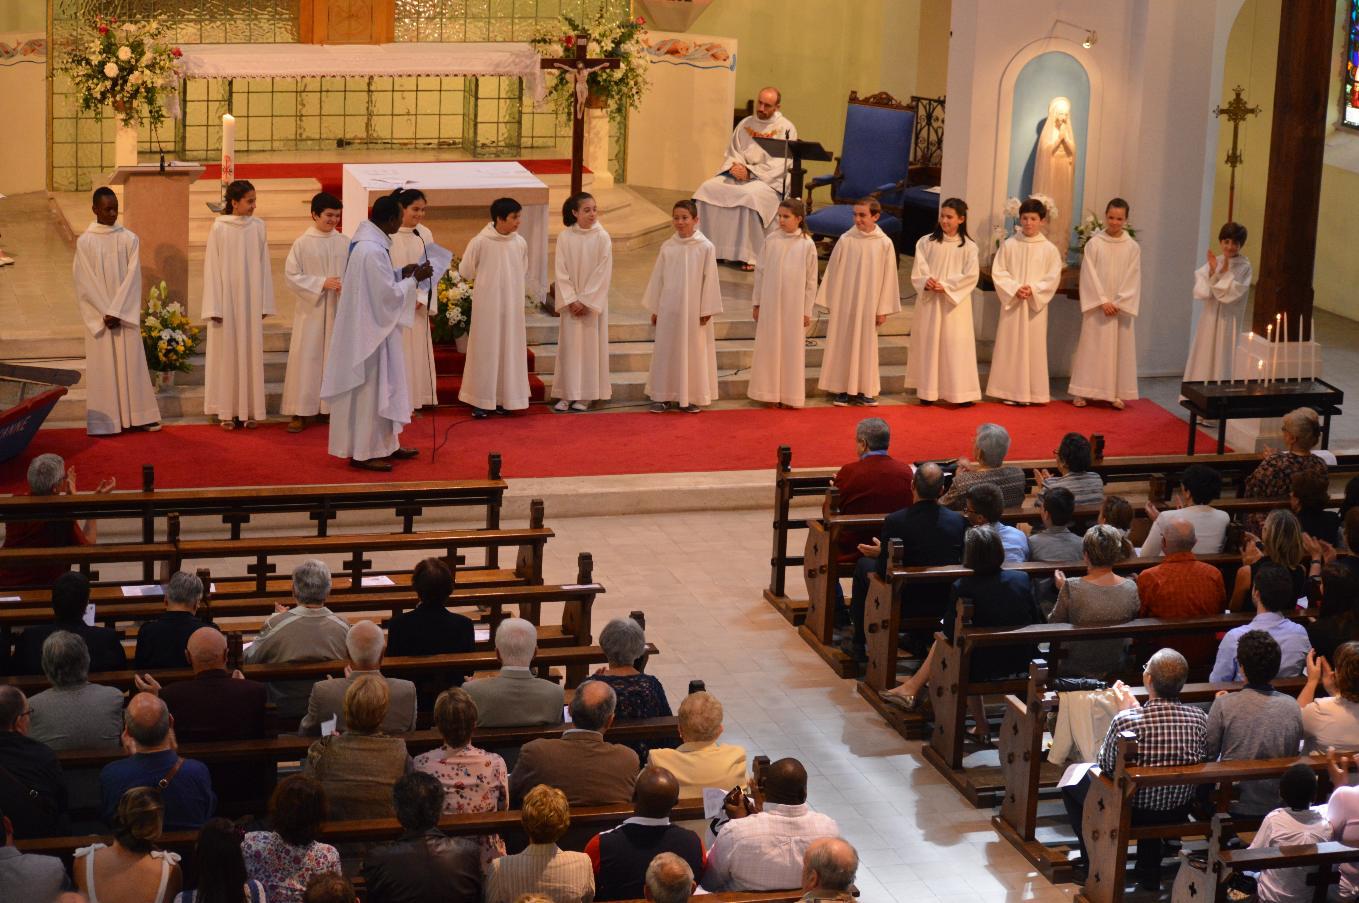 L'abbé invite l'assemblée à applaudir les enfants